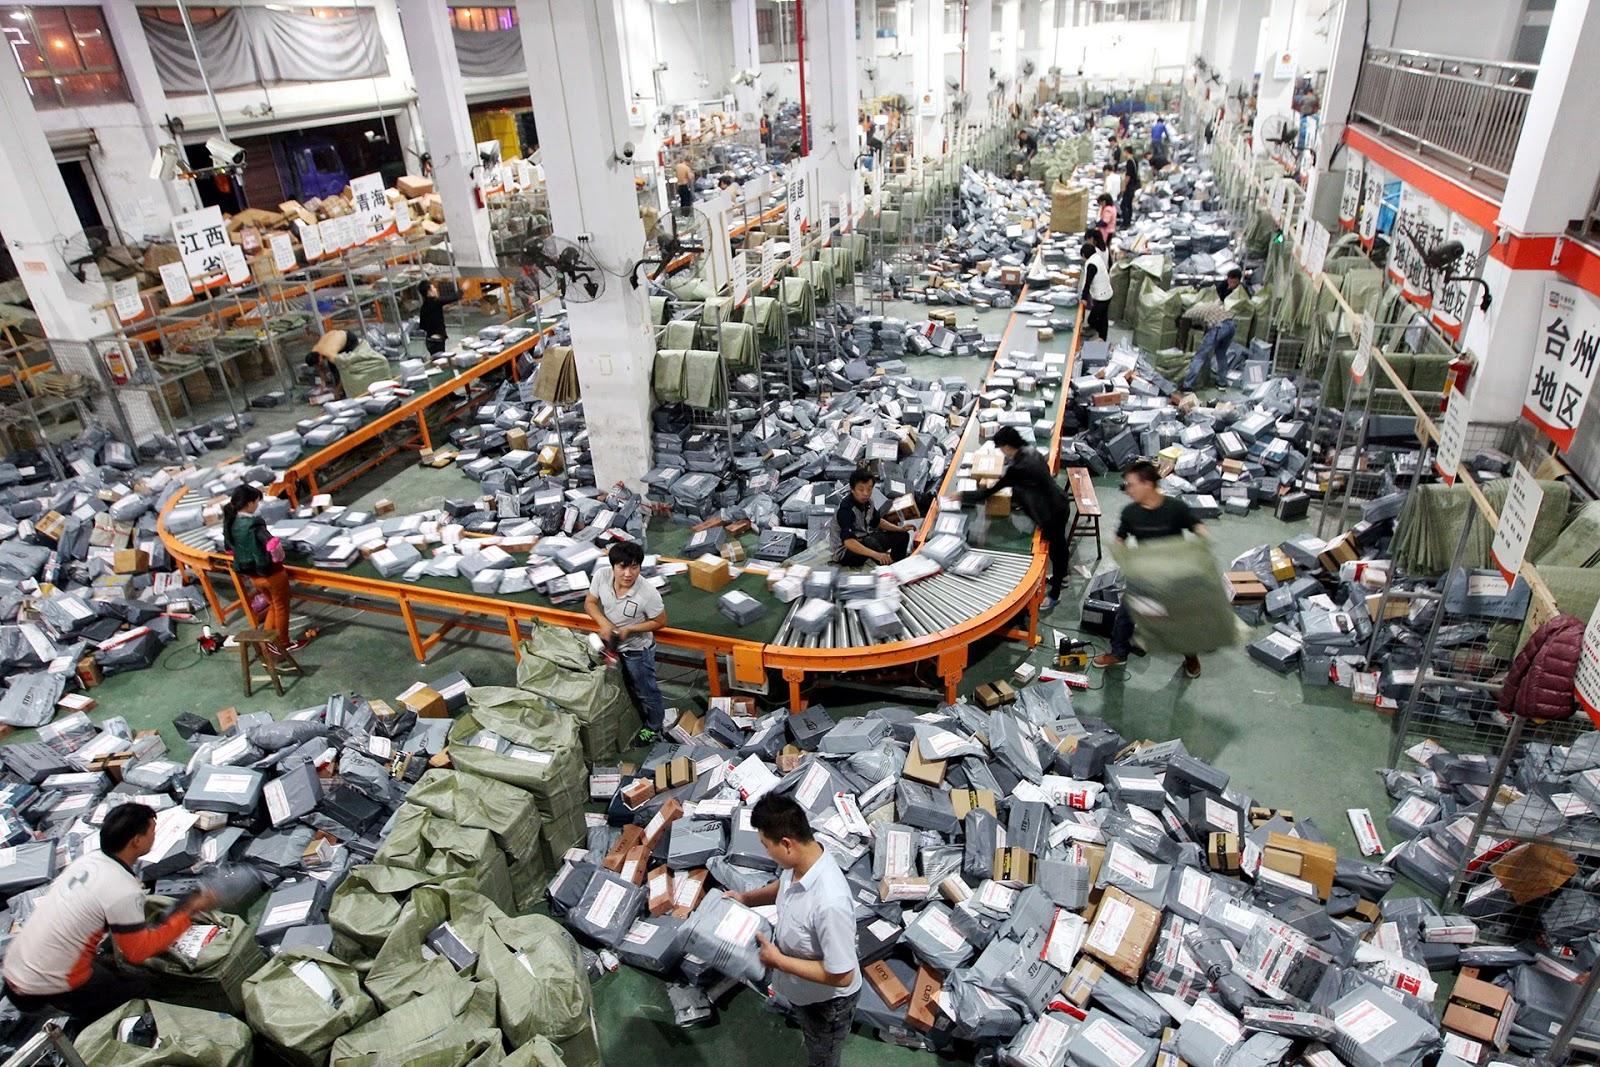 Kehebatan Dunia E-Commerce: 342 Triliun Rupiah dalam Sehari!